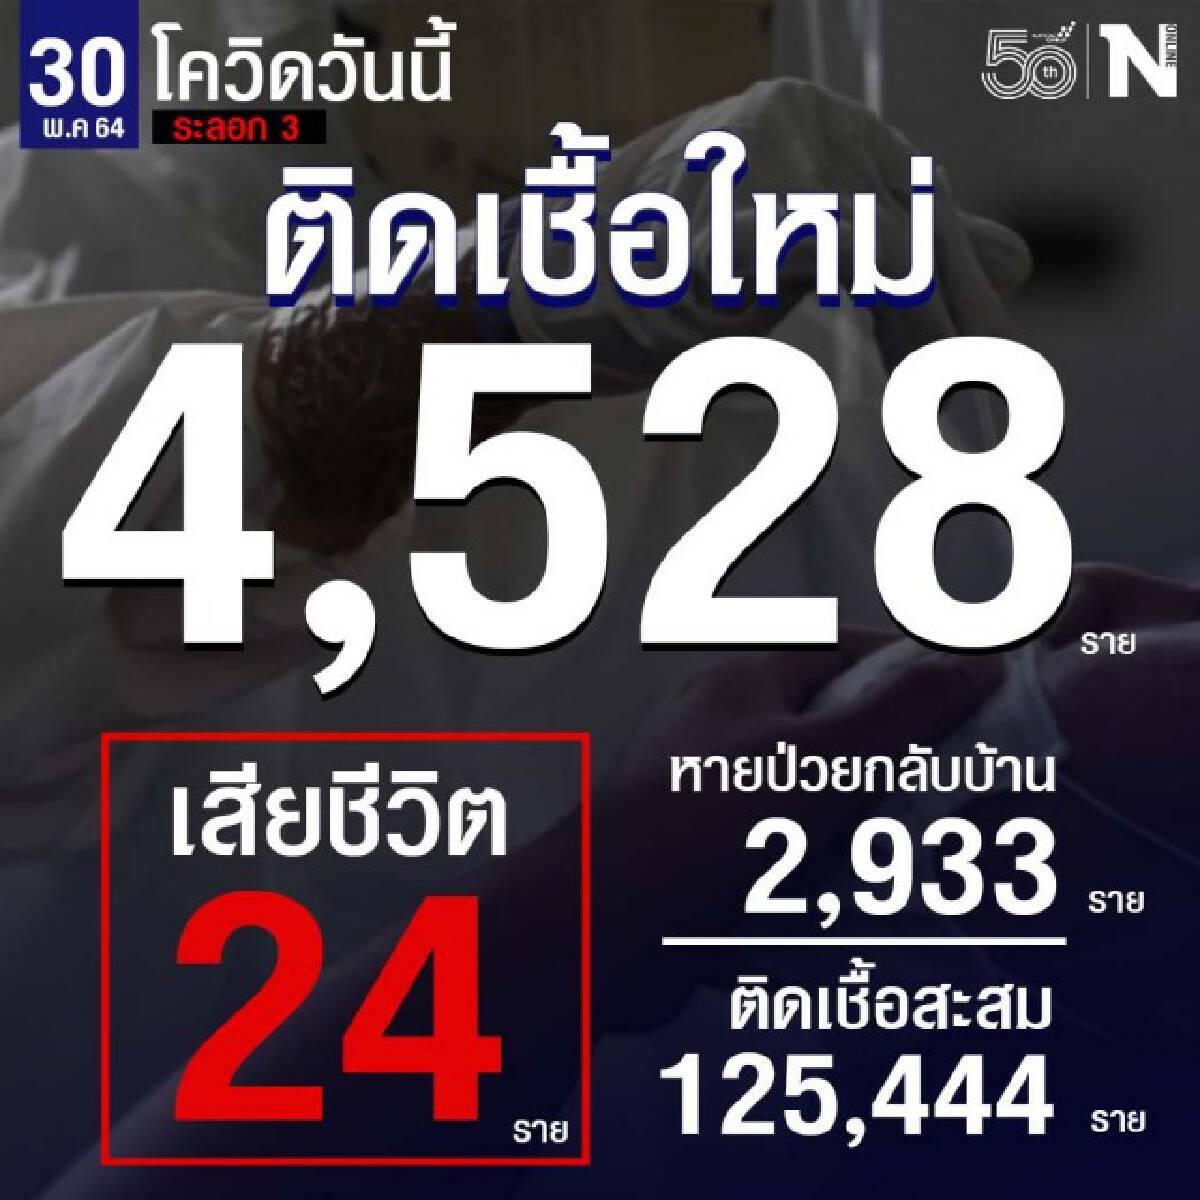 ศบค.เผยผู้ติดเชื้อรายใหม่ 4,528 ราย เสียชีวิต 24 ราย